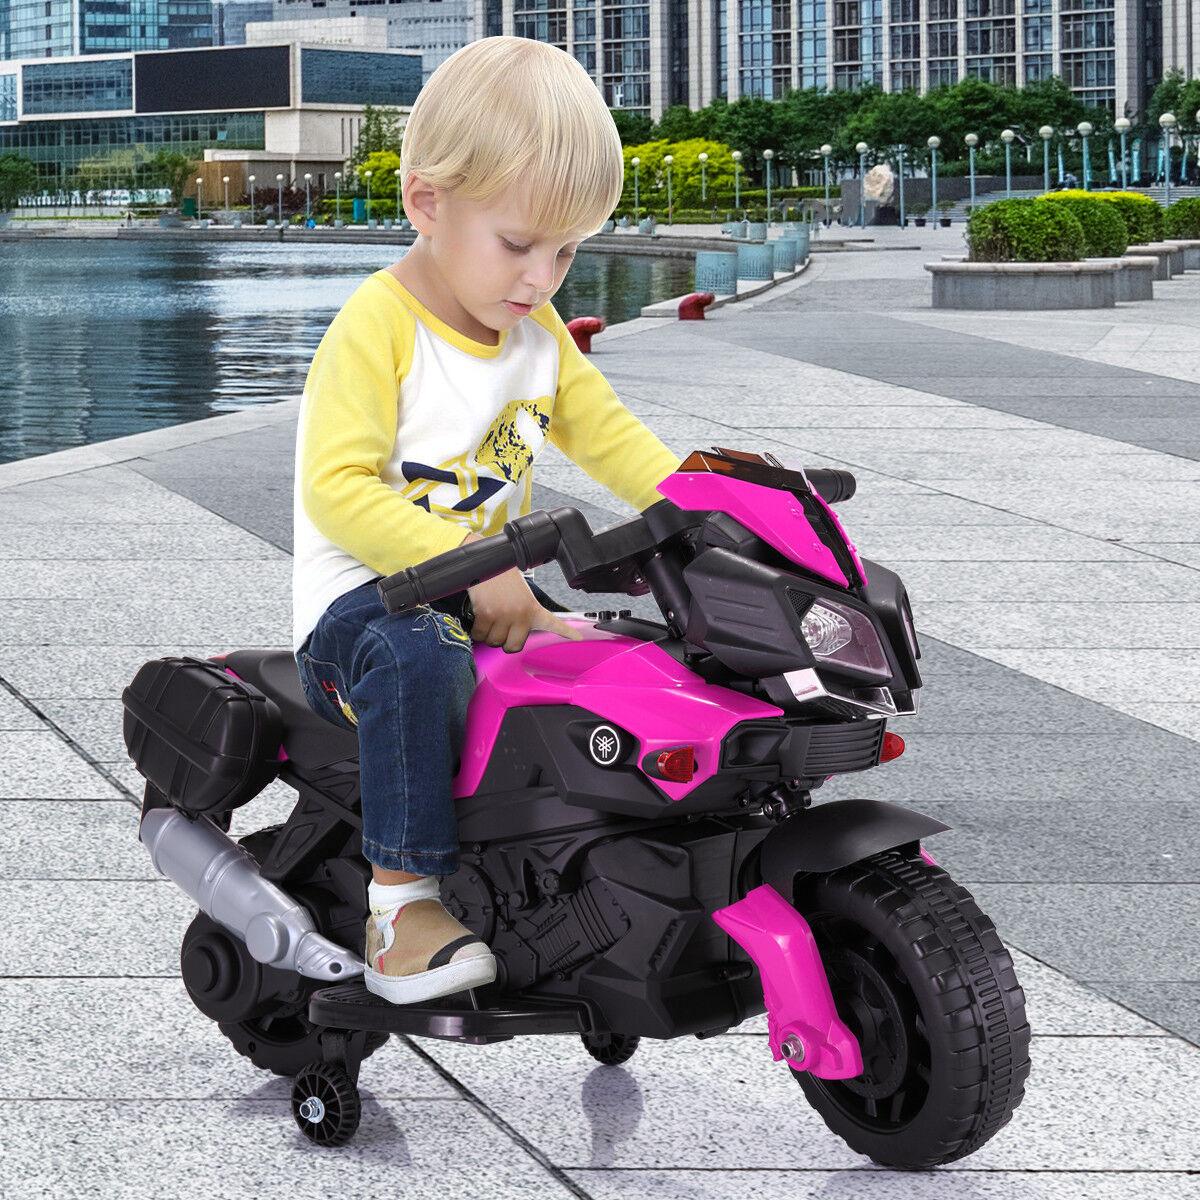 Kinder reiten auf motorrad 6v batteriebetriebene elektrische spielzeug w   ausbildung rad Rosarot